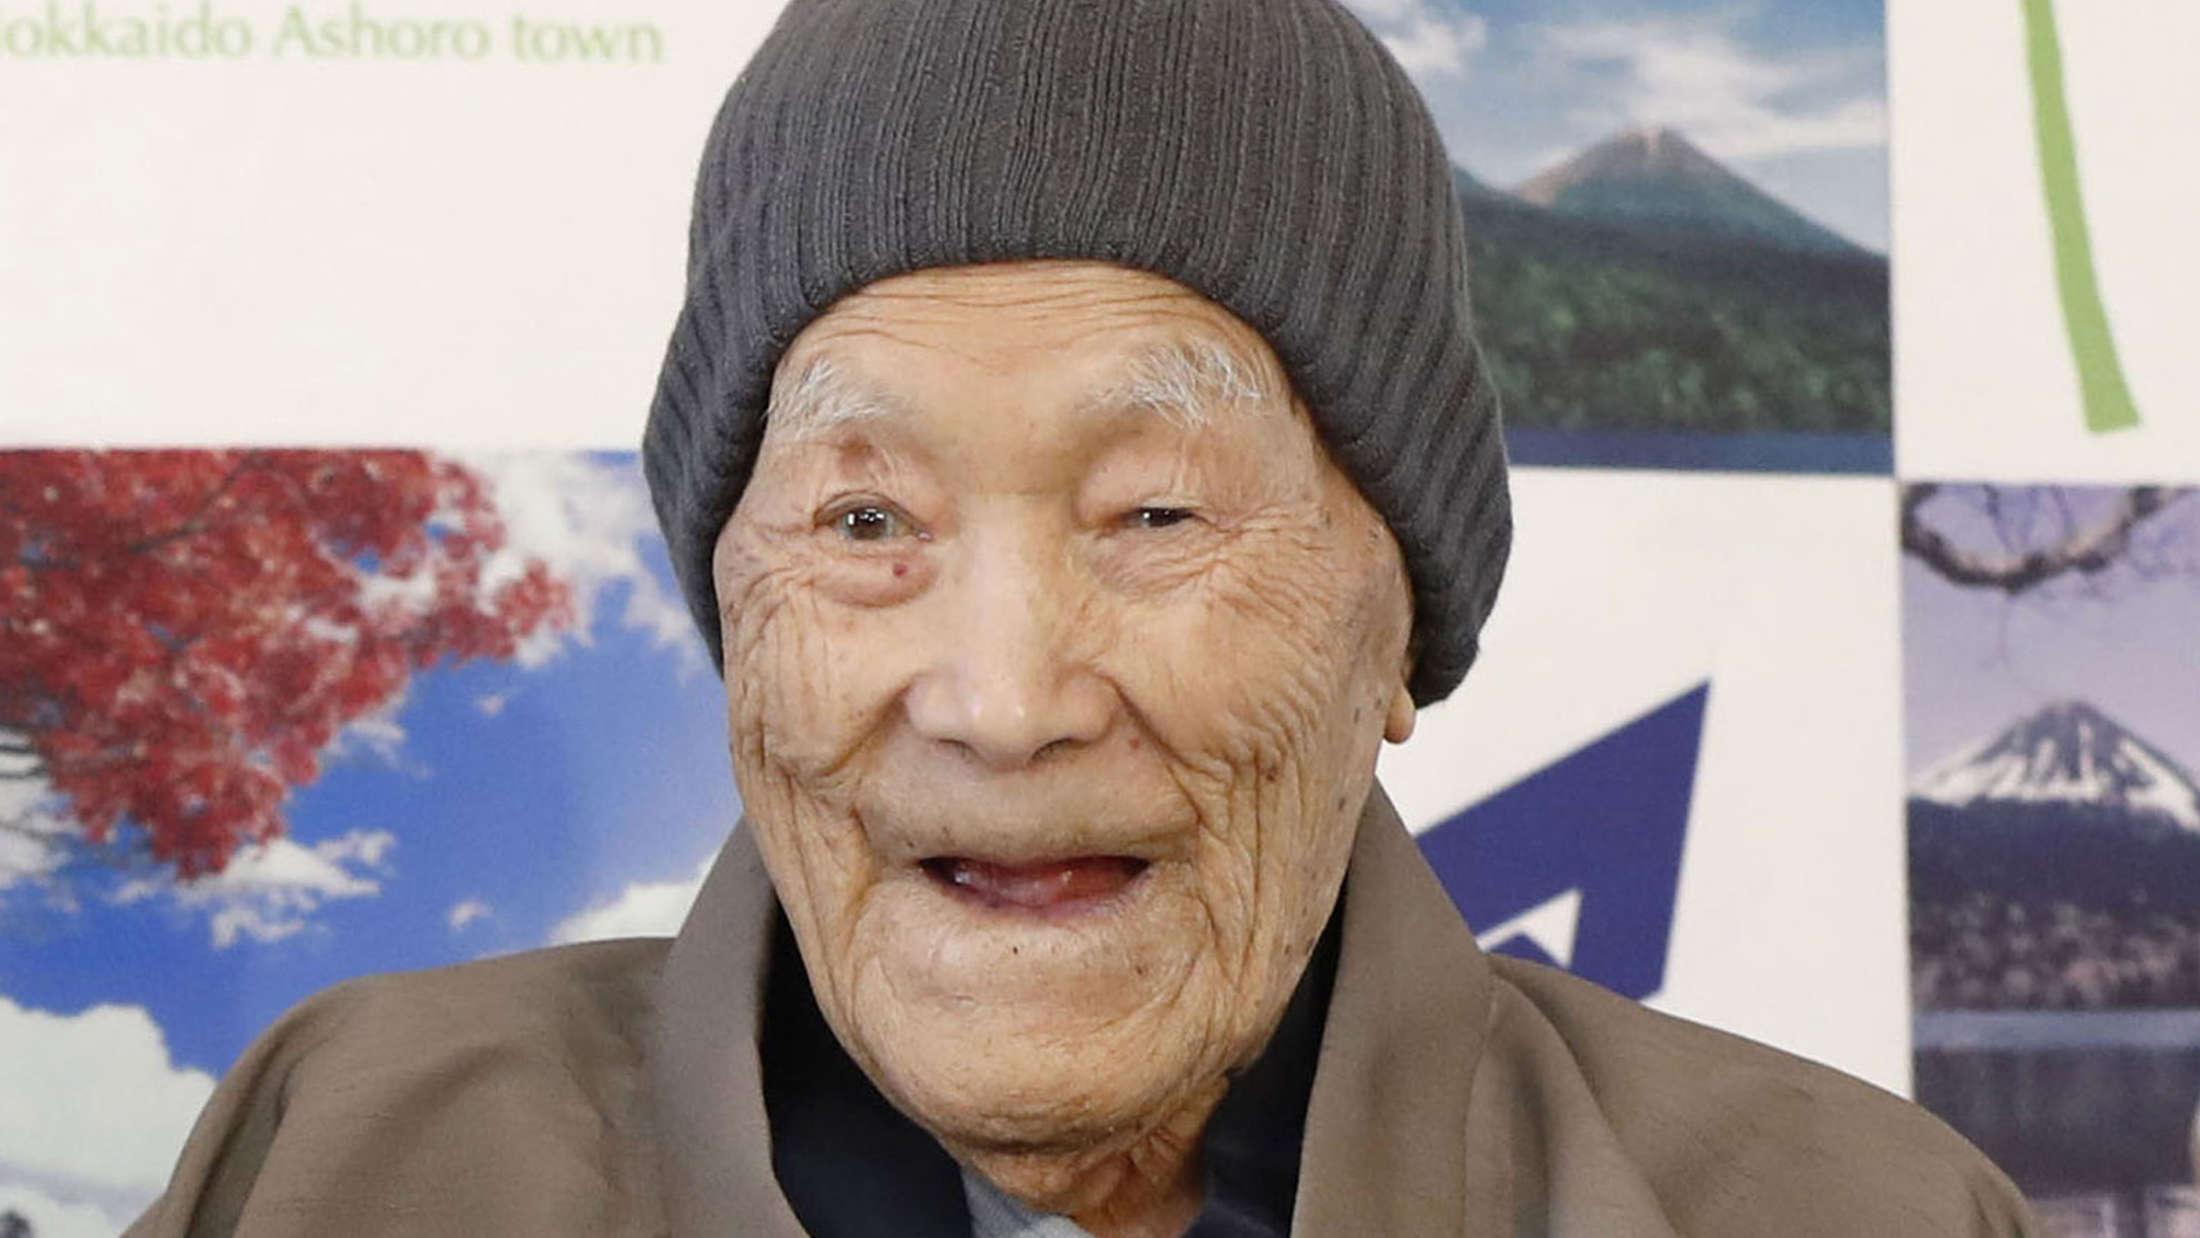 Самым старым мужчиной на Земле был признан японец Масадзо Нонака